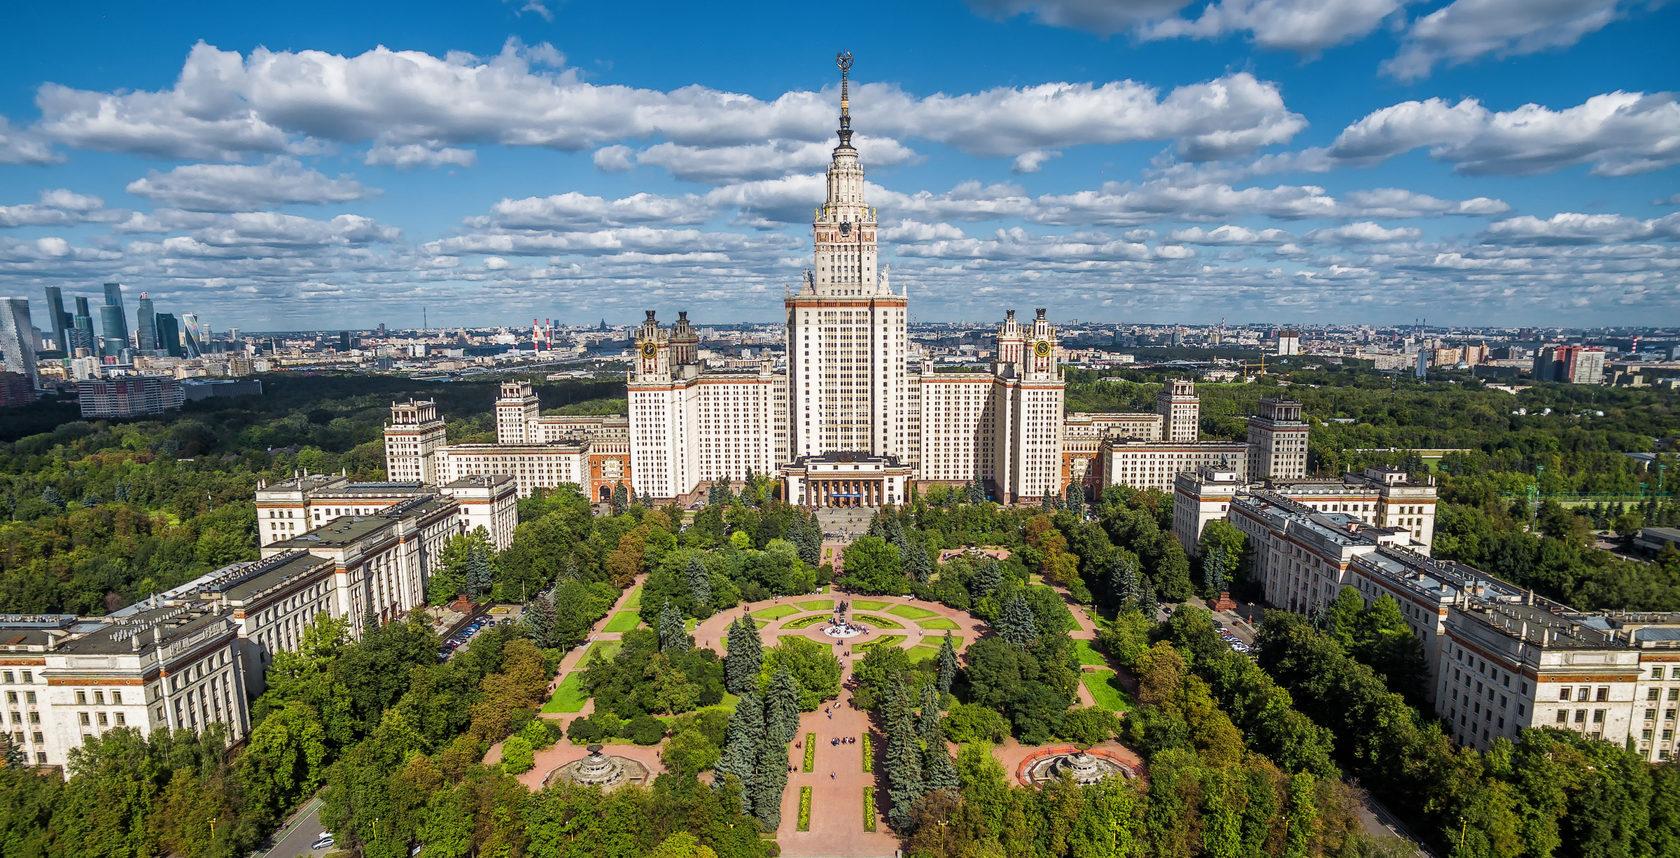 openday.msu.ru/en